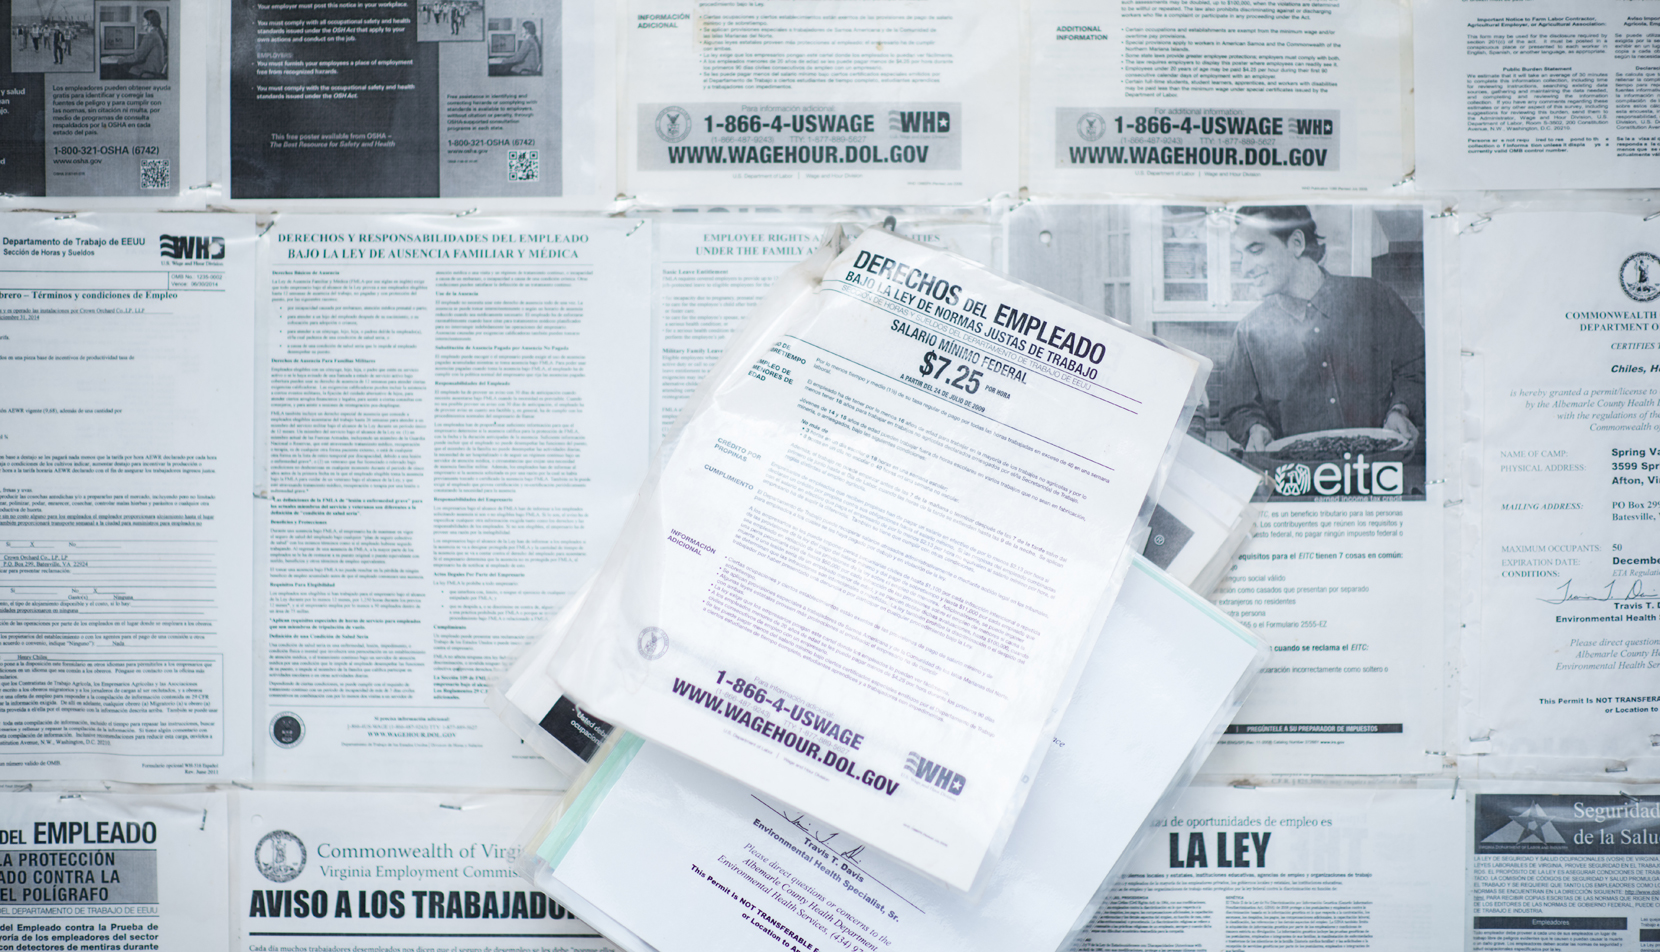 Spanish-language flyers